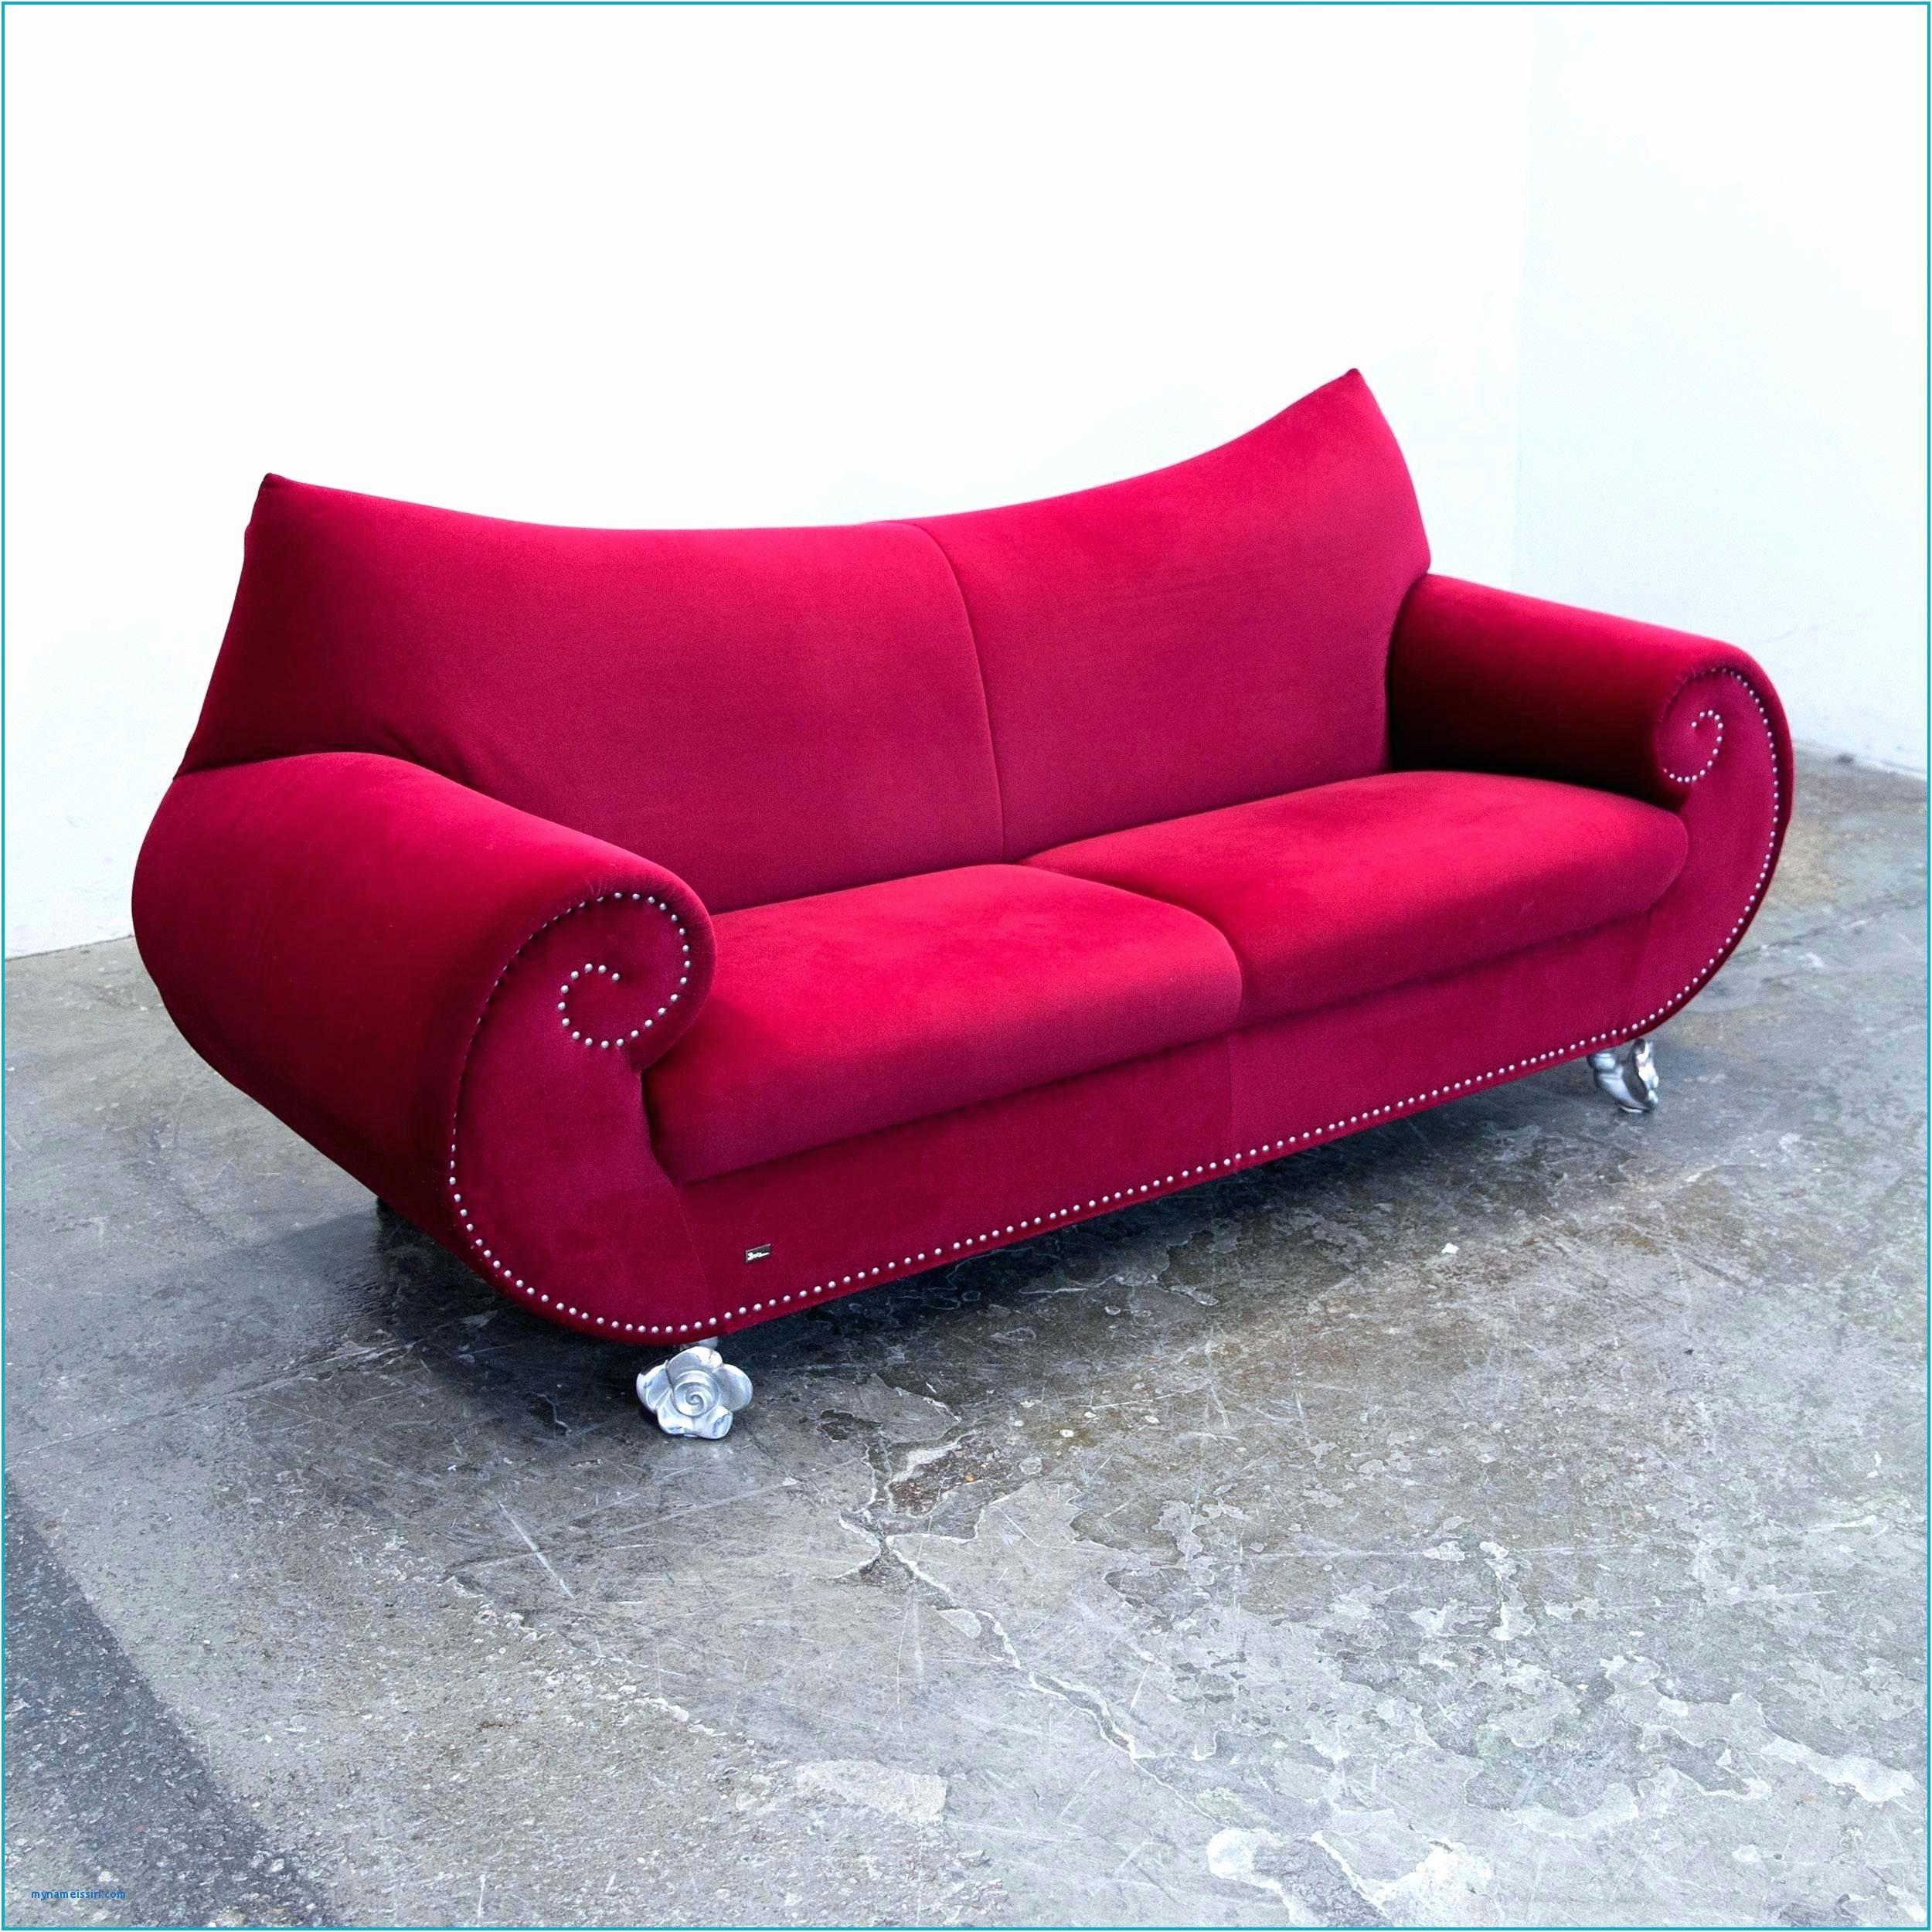 Teuer Couchgarnitur Otto Couch Möbel Pinterest Couch Möbel